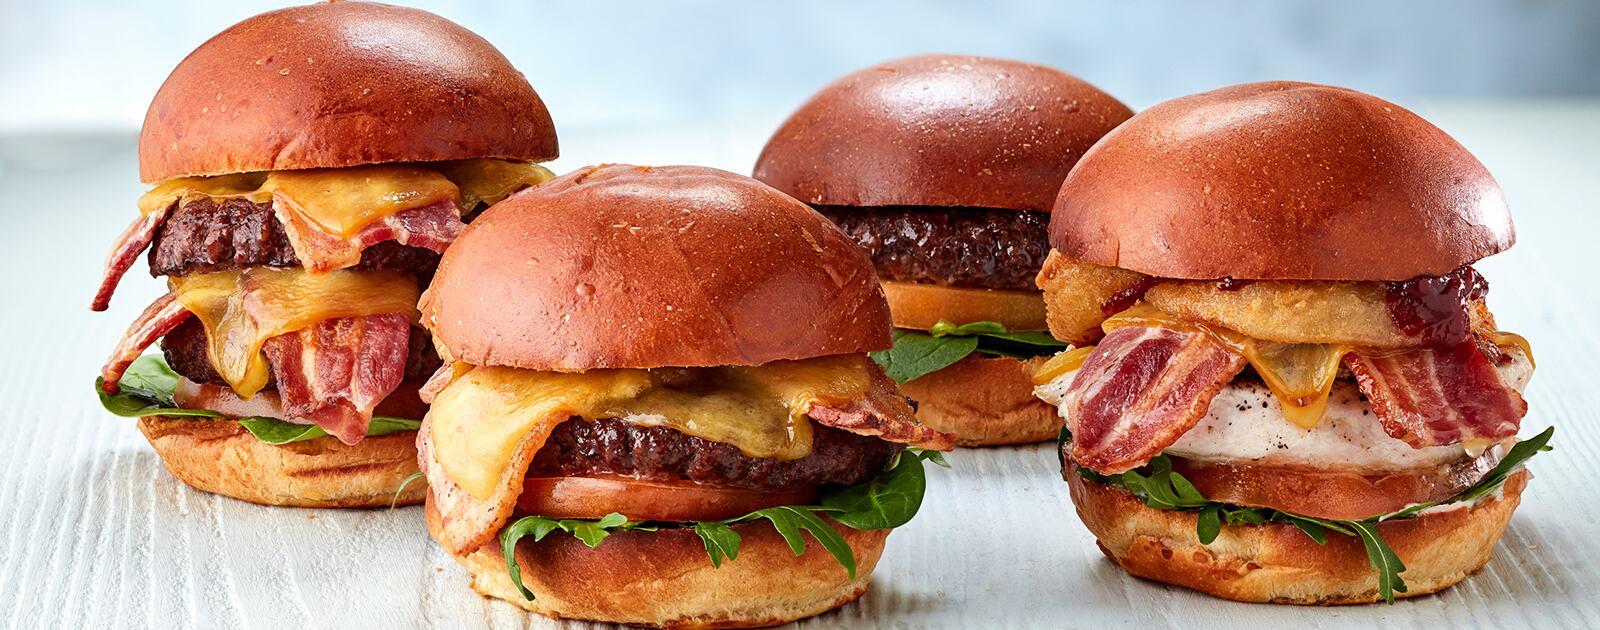 Four bacon burgers